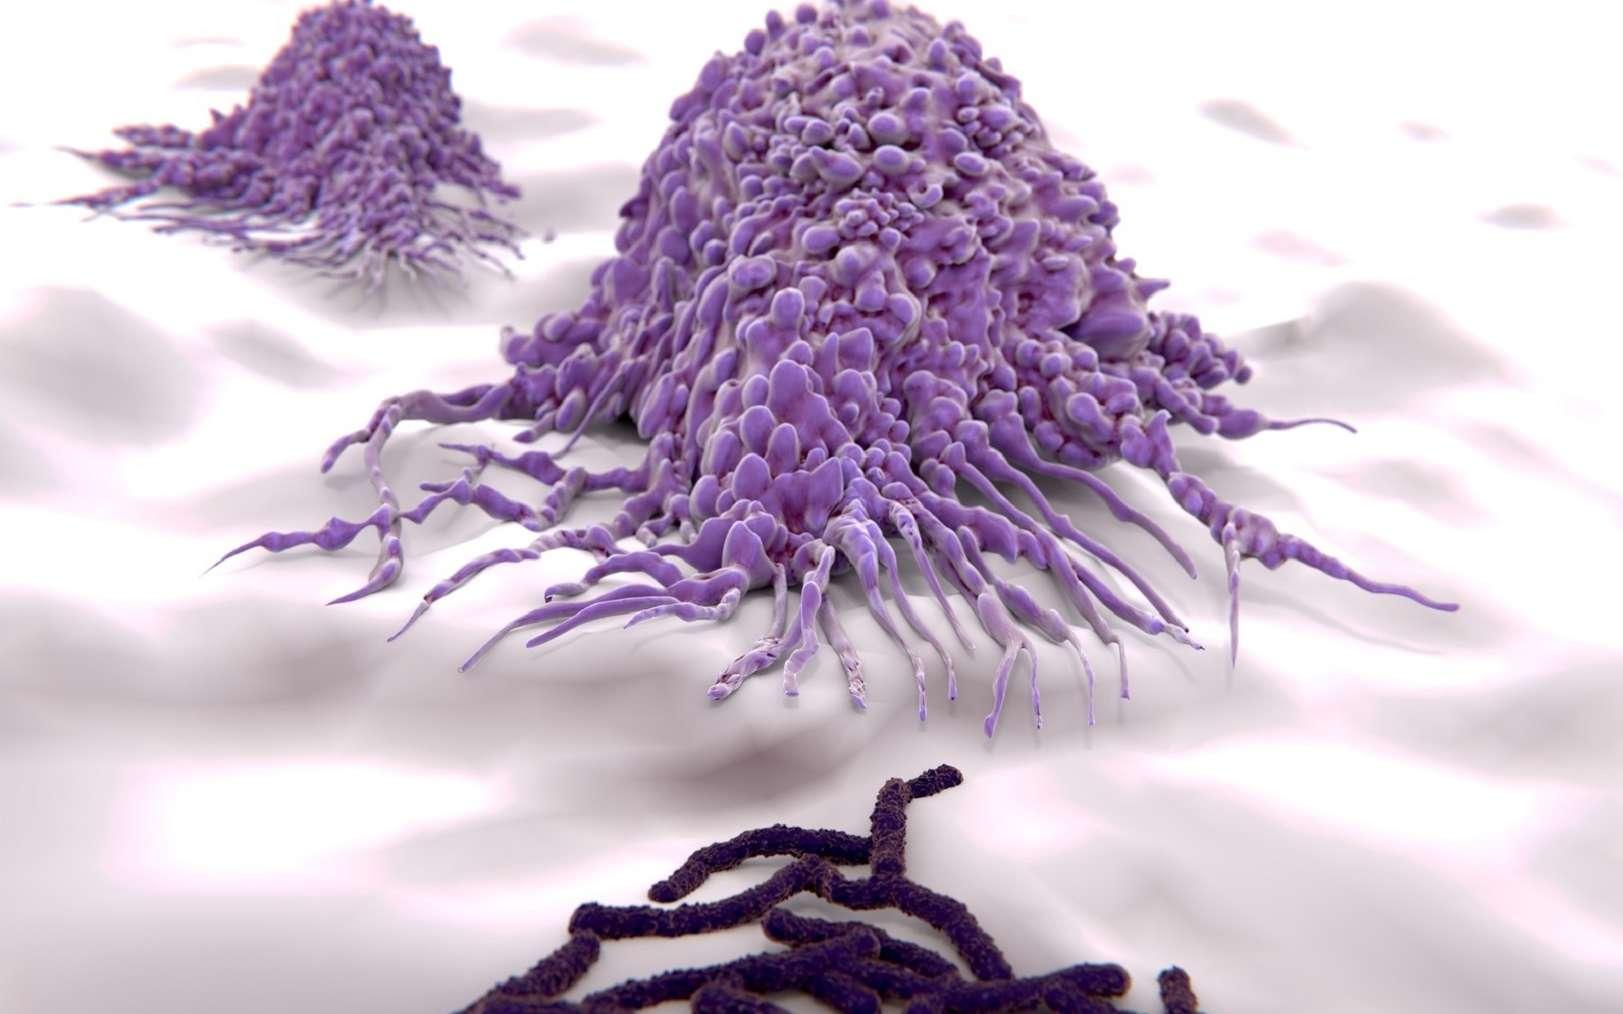 Le macrophage est une cellule qui réalise la phagocytose. © Juan Gärtner, Fotolia